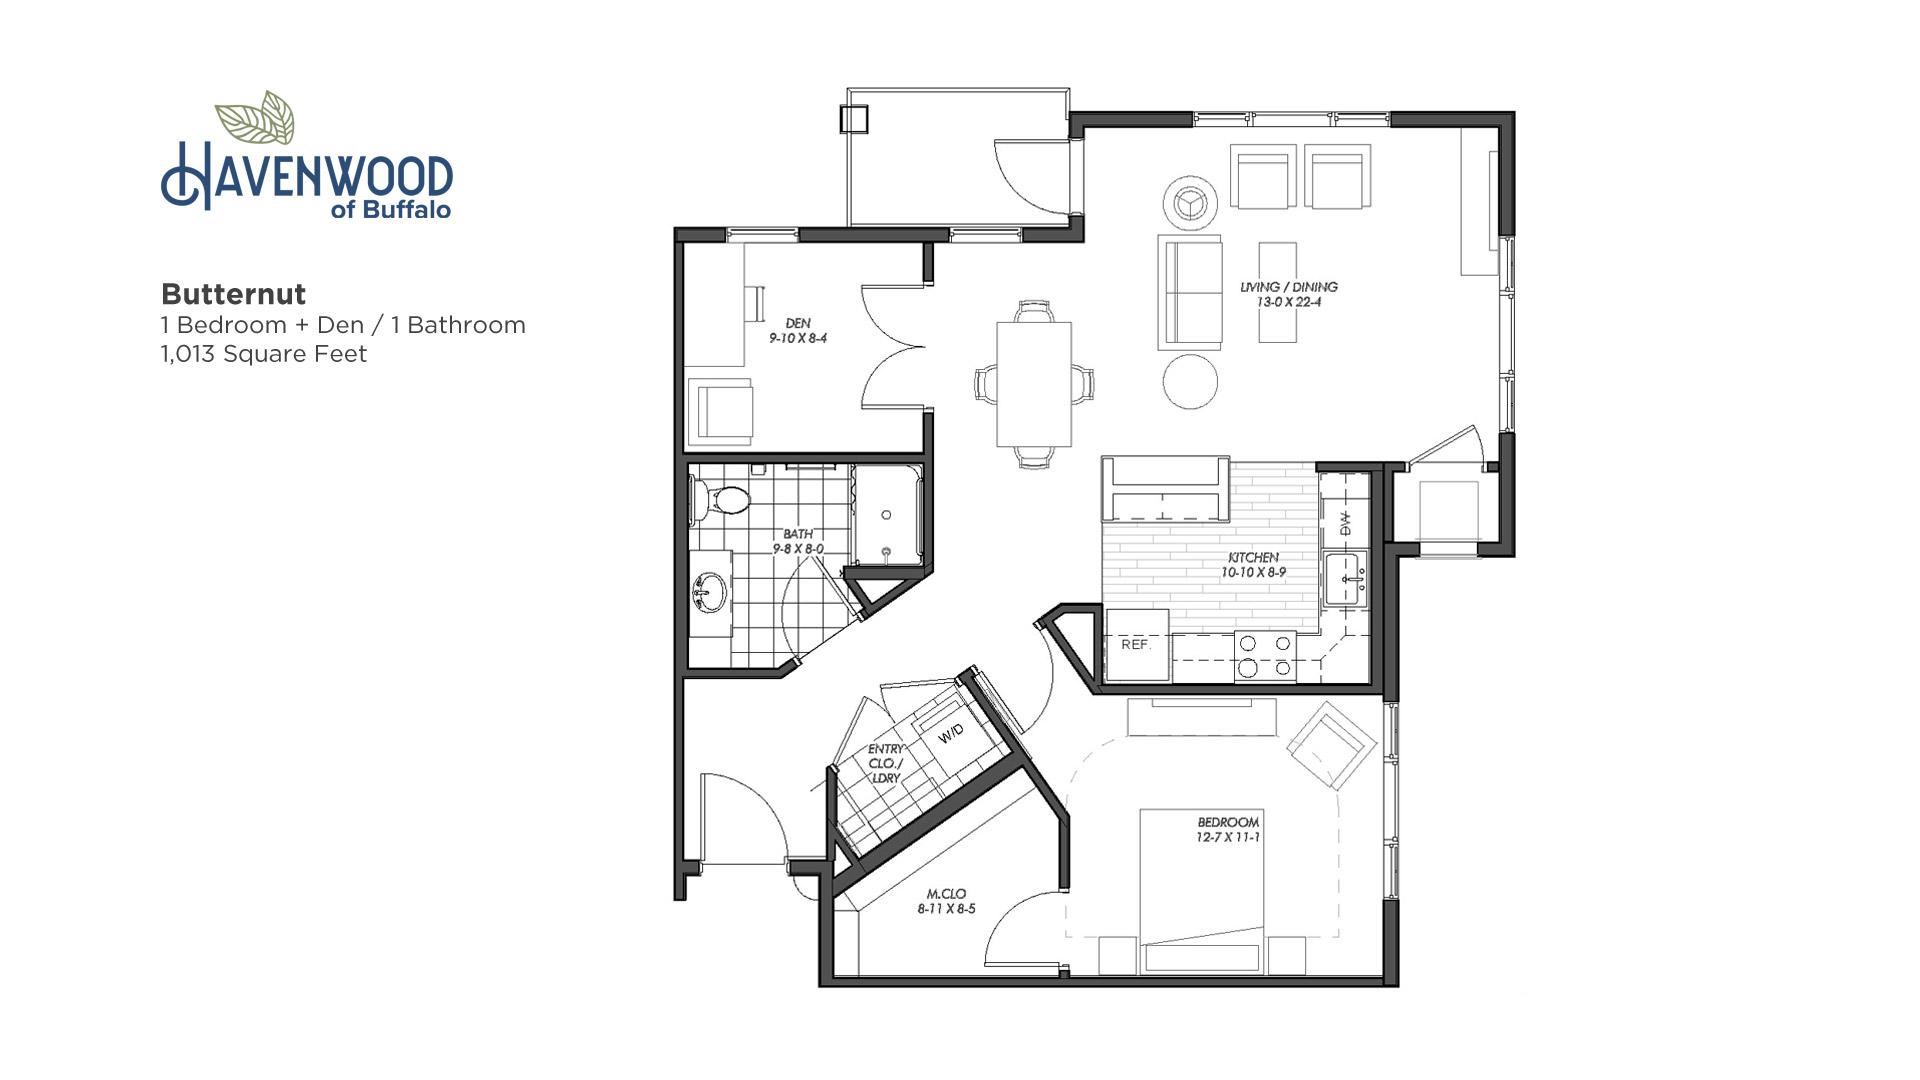 Havenwood of Buffalo Butternut Floor Plan